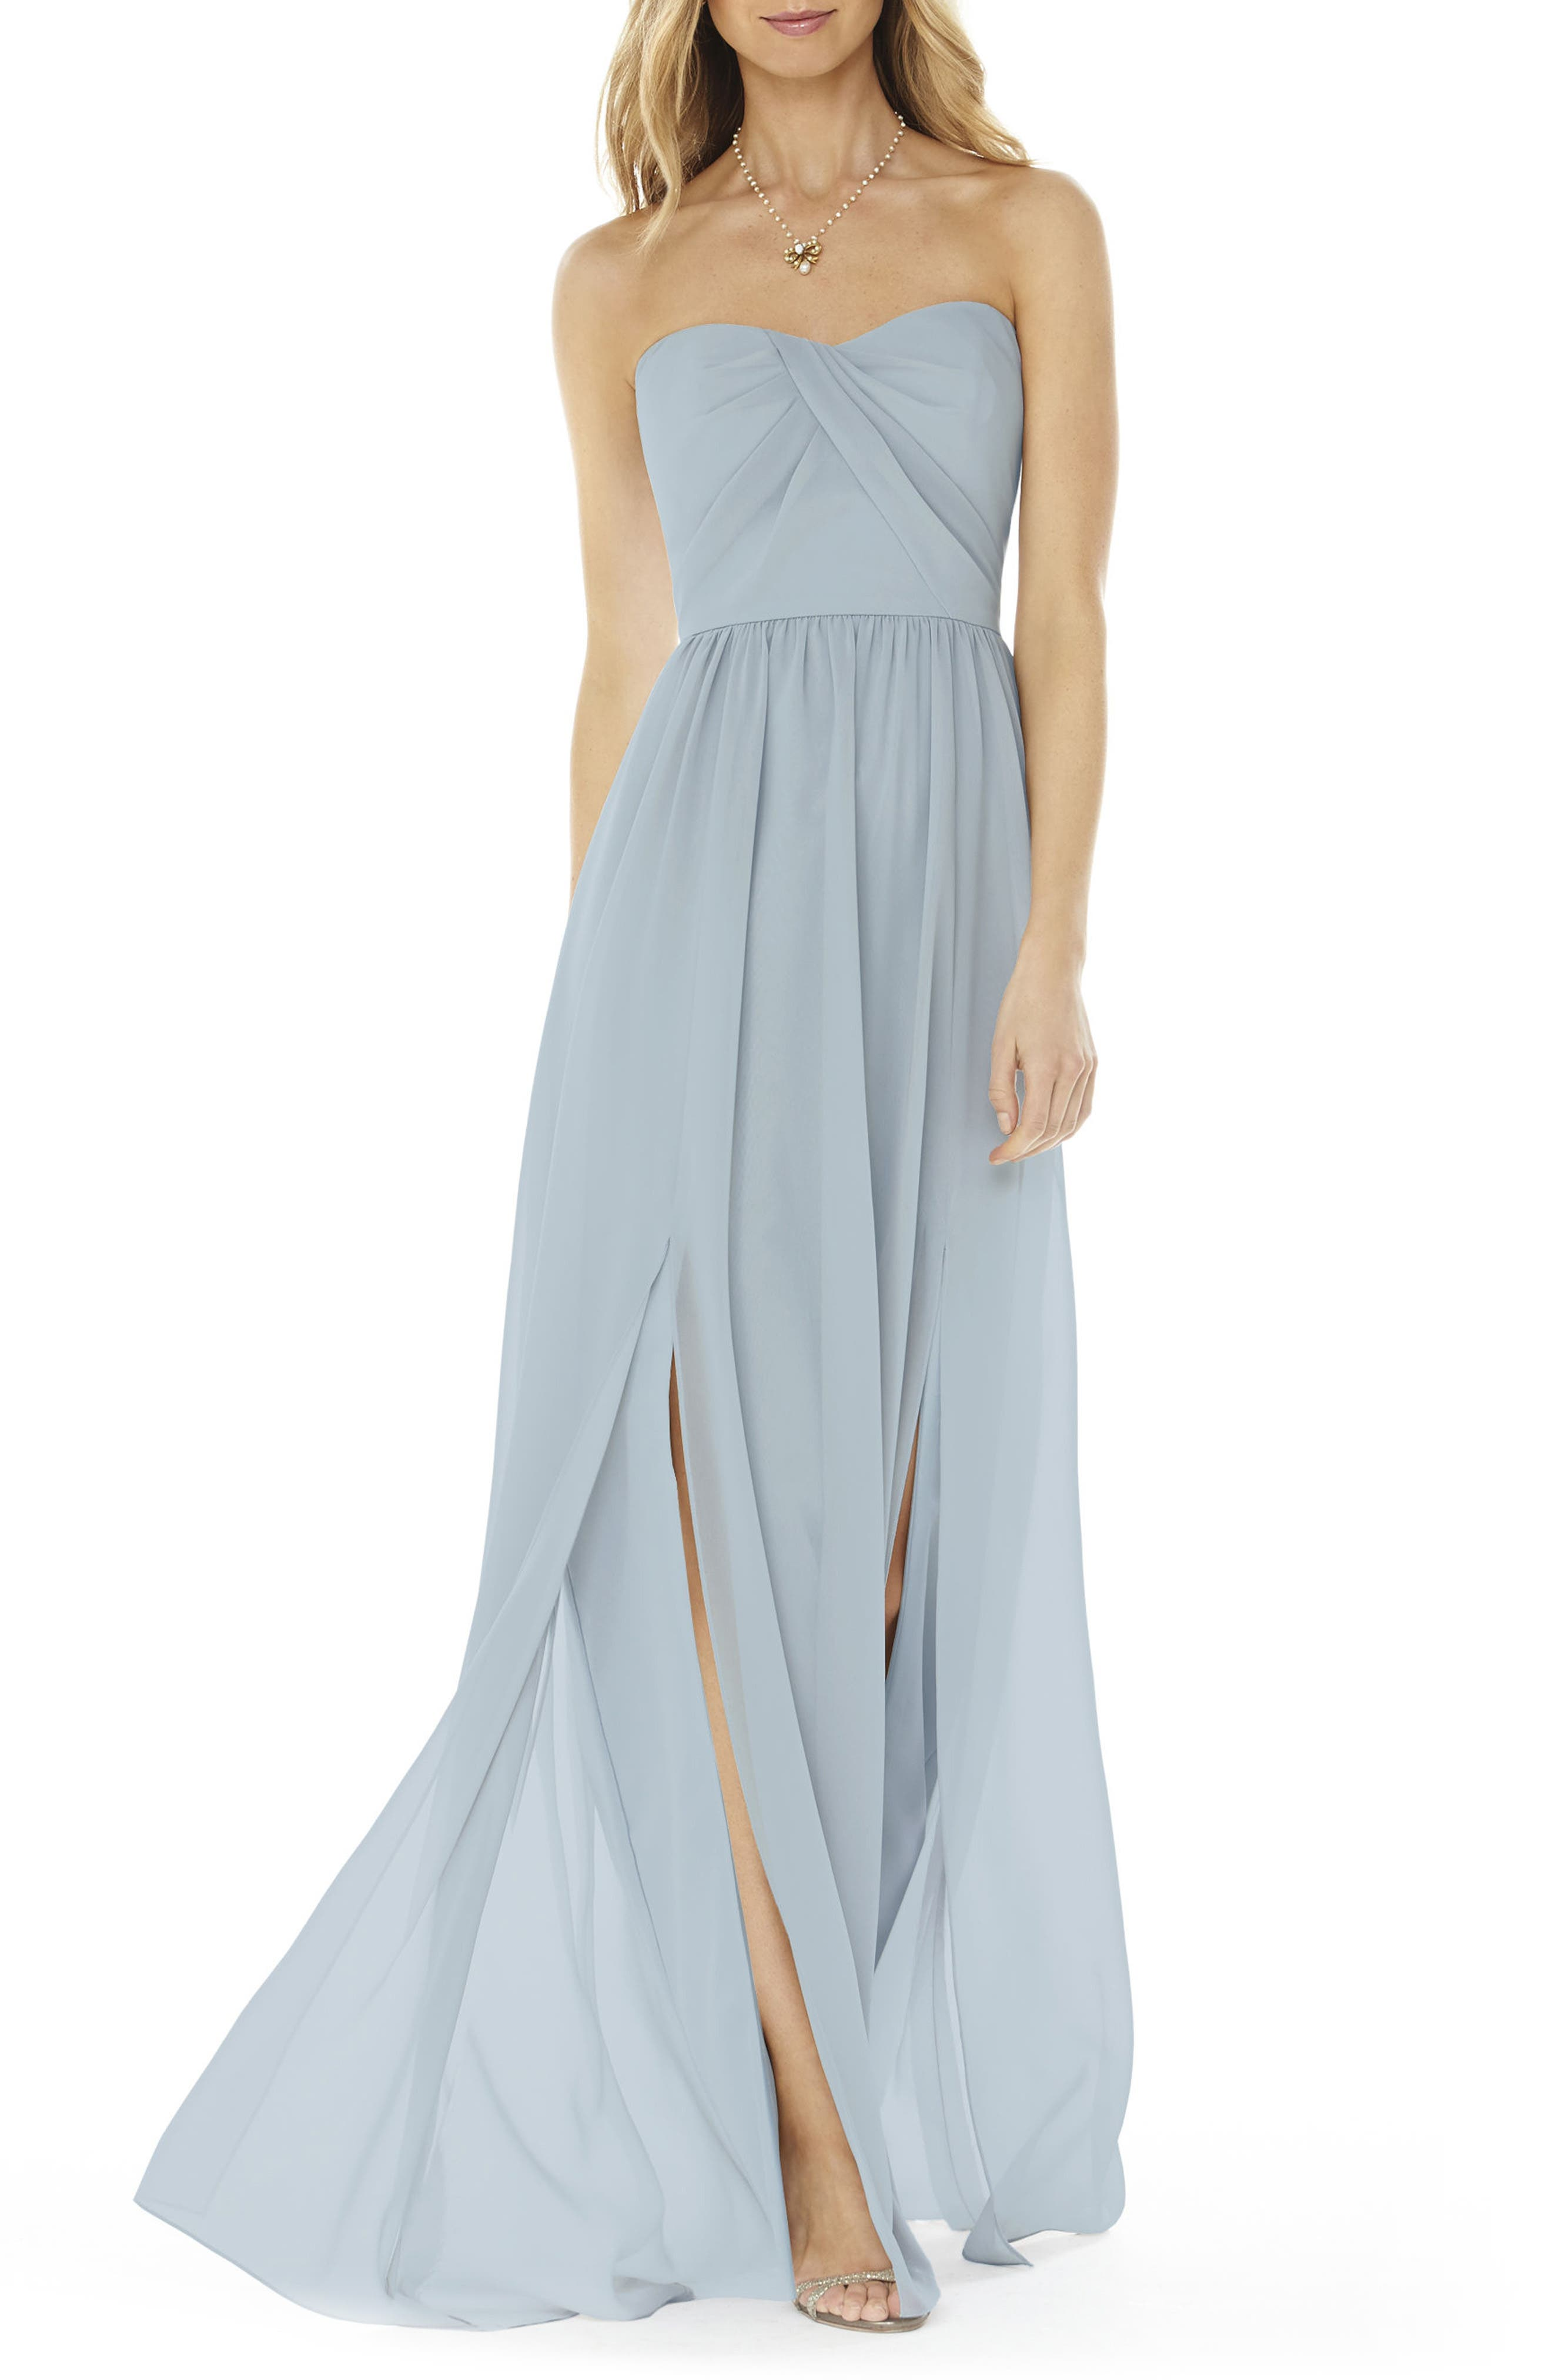 Grey Bridesmaid & Wedding Party Dresses